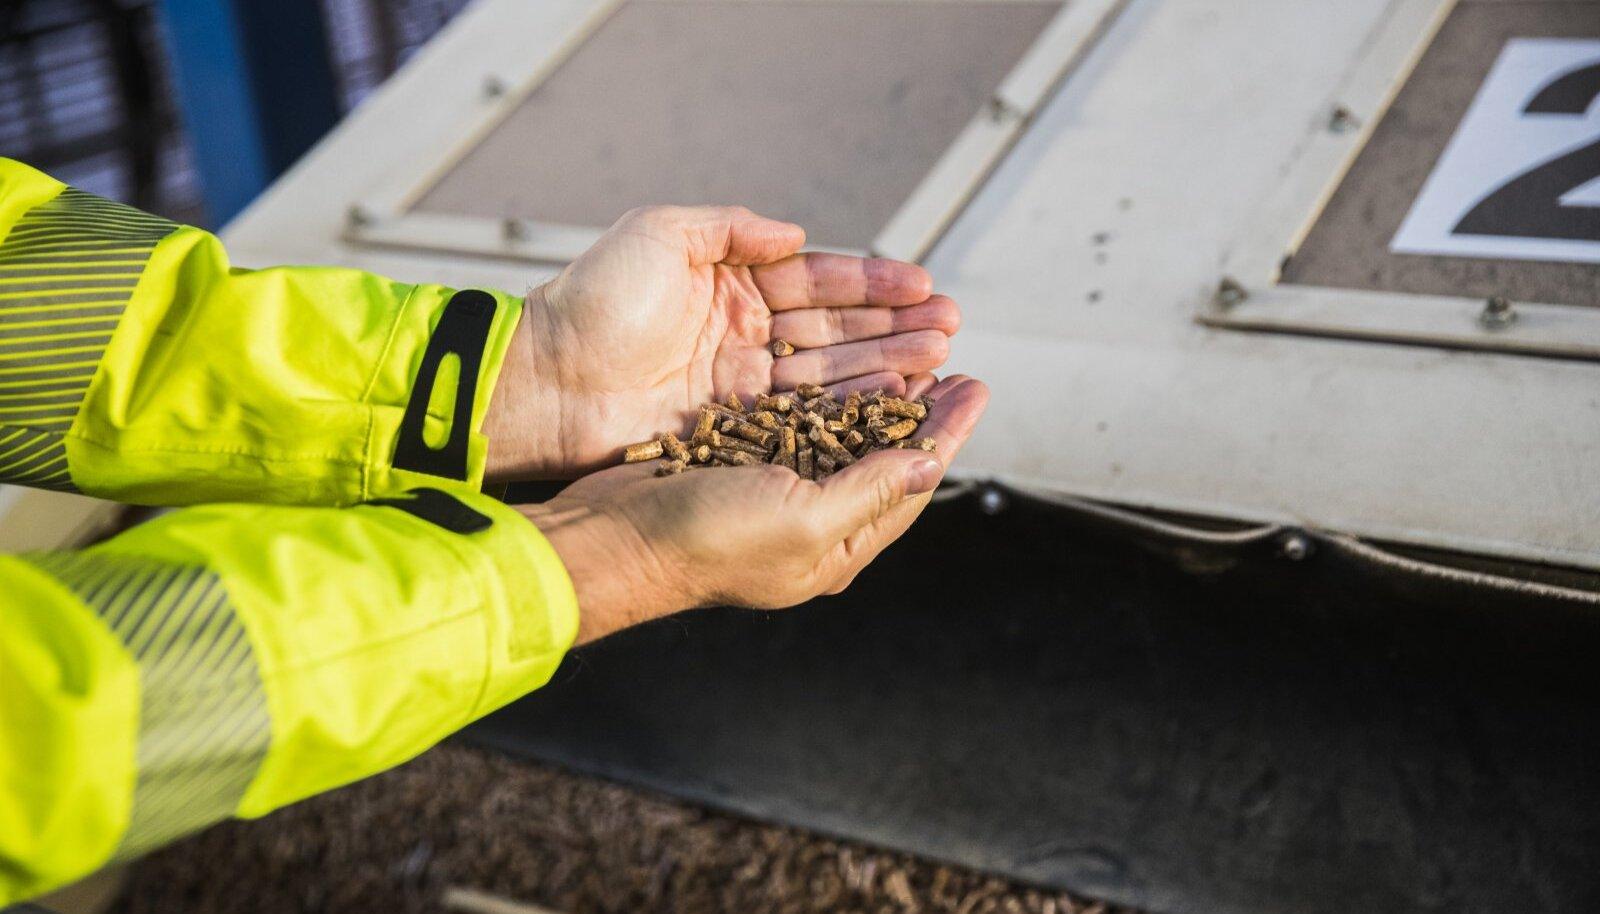 Graanul Investi Eestis toodetavad puidugraanulid